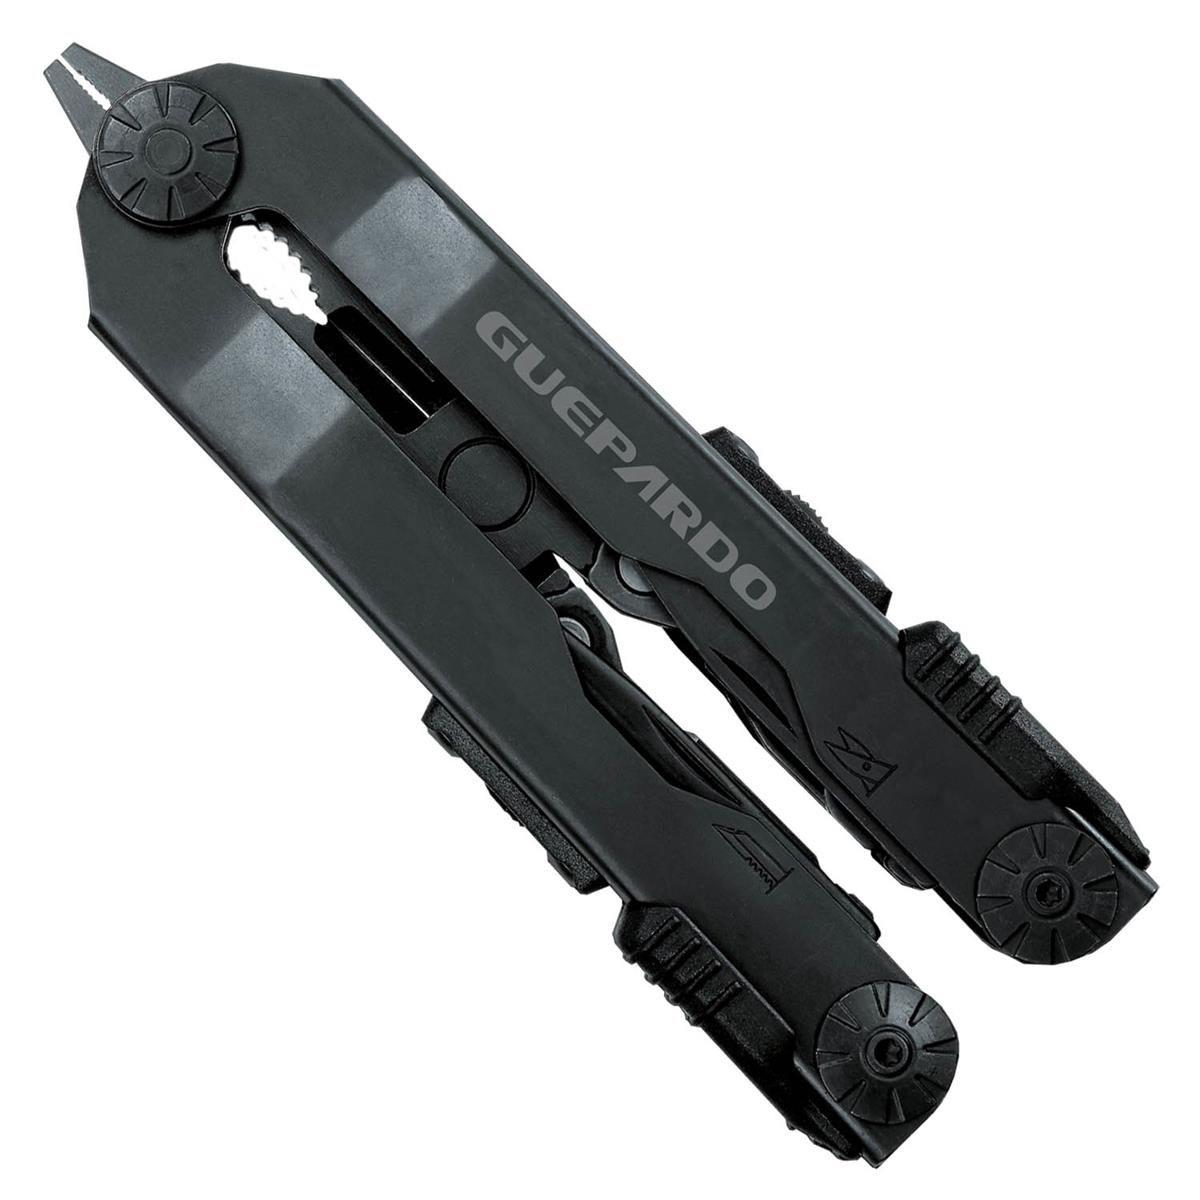 Alicate multifunção 10F de alta resistência em aço inox 420 Fox Guepardo  - Mix Eletro